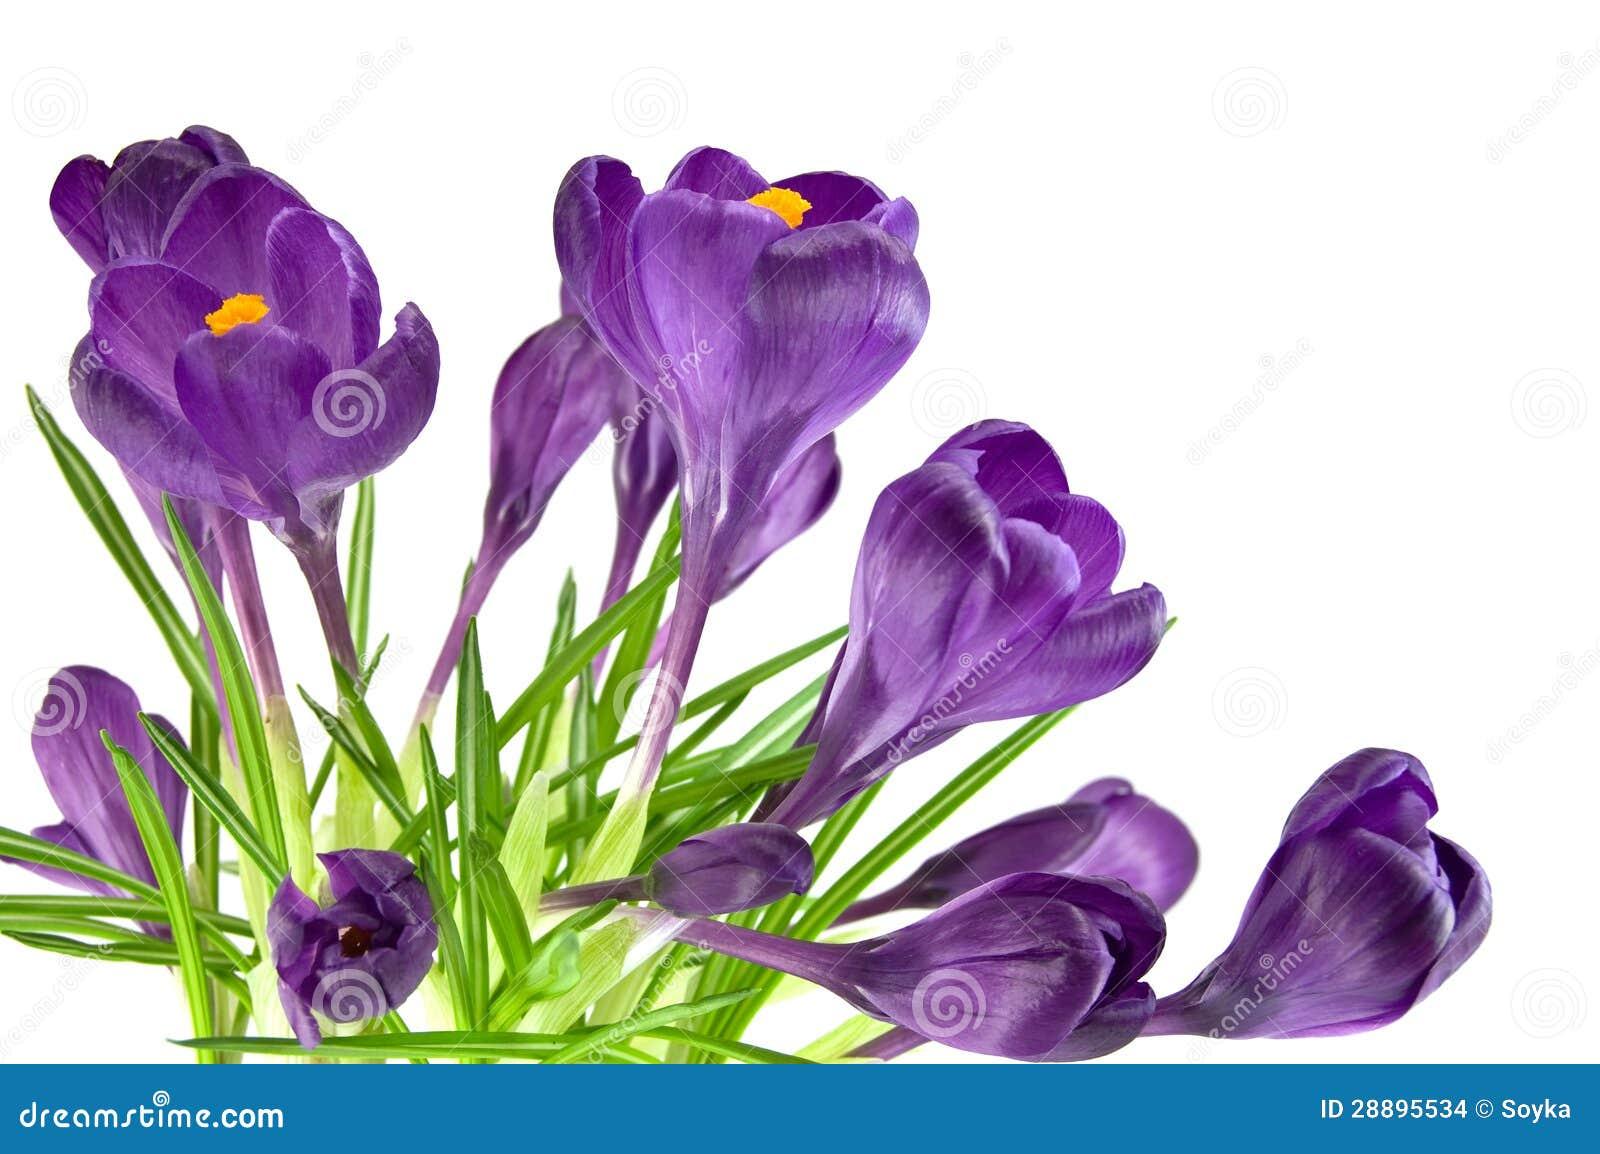 Belle fleur violette photo stock image du botanique - Image fleur violette ...